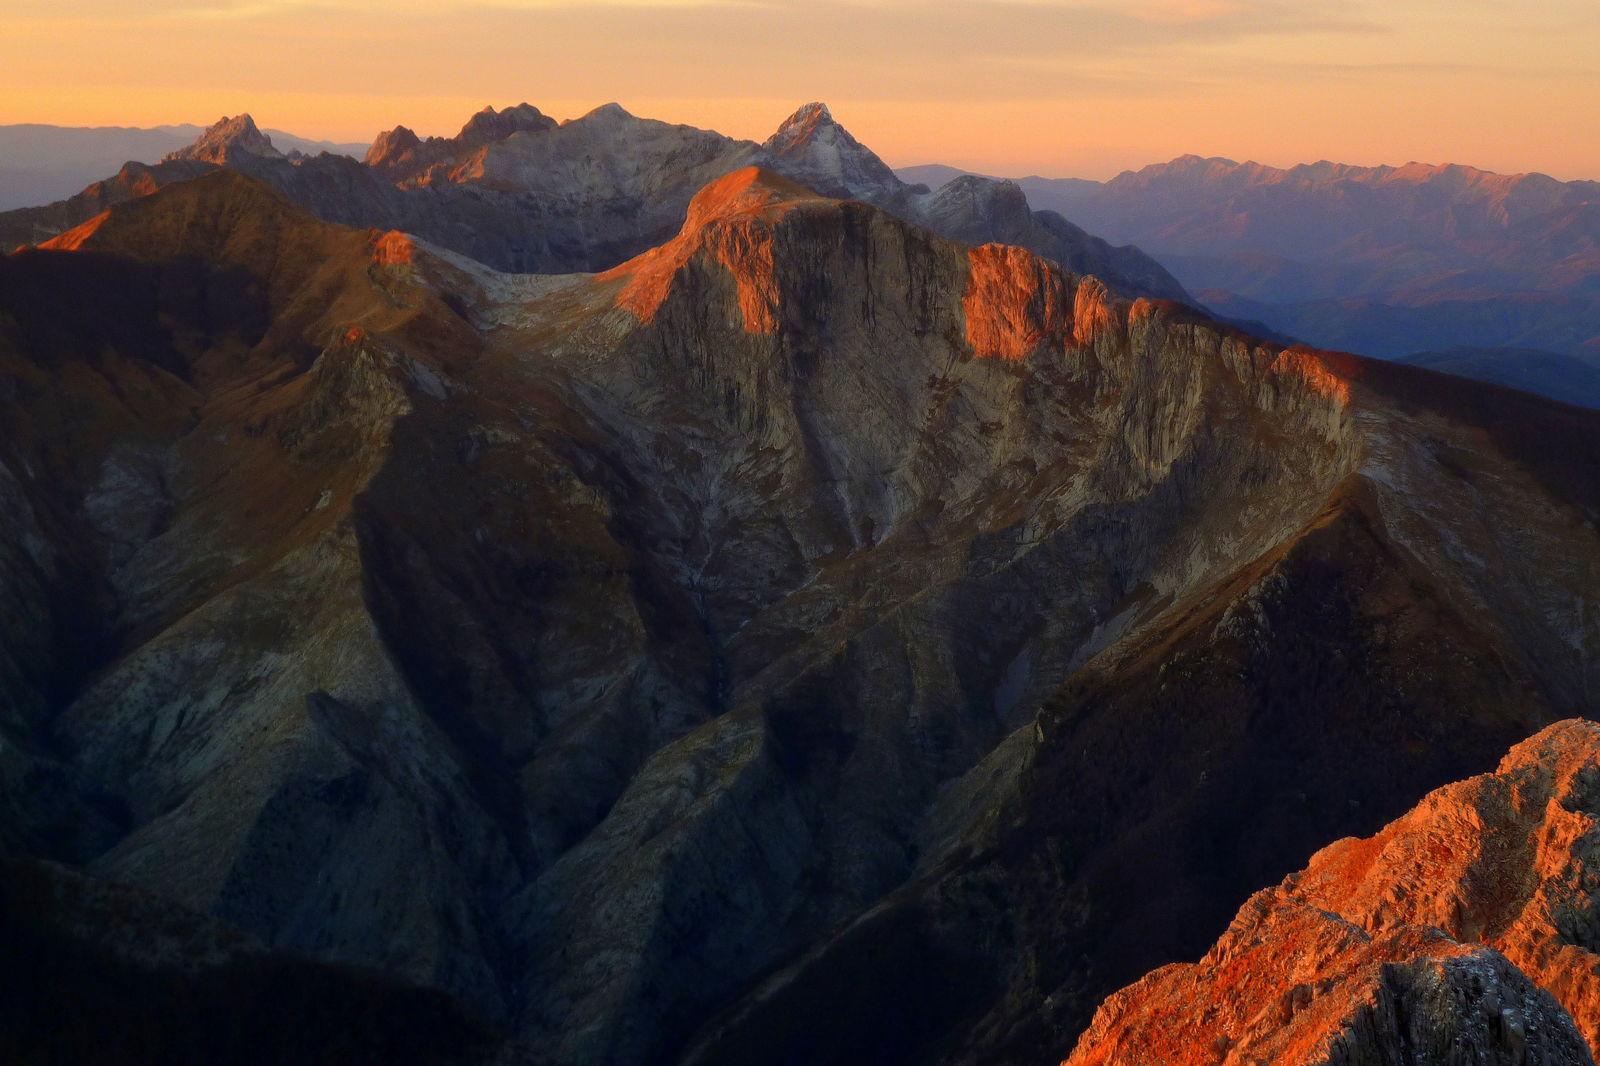 Stazzema - Tra montagne irripetibili